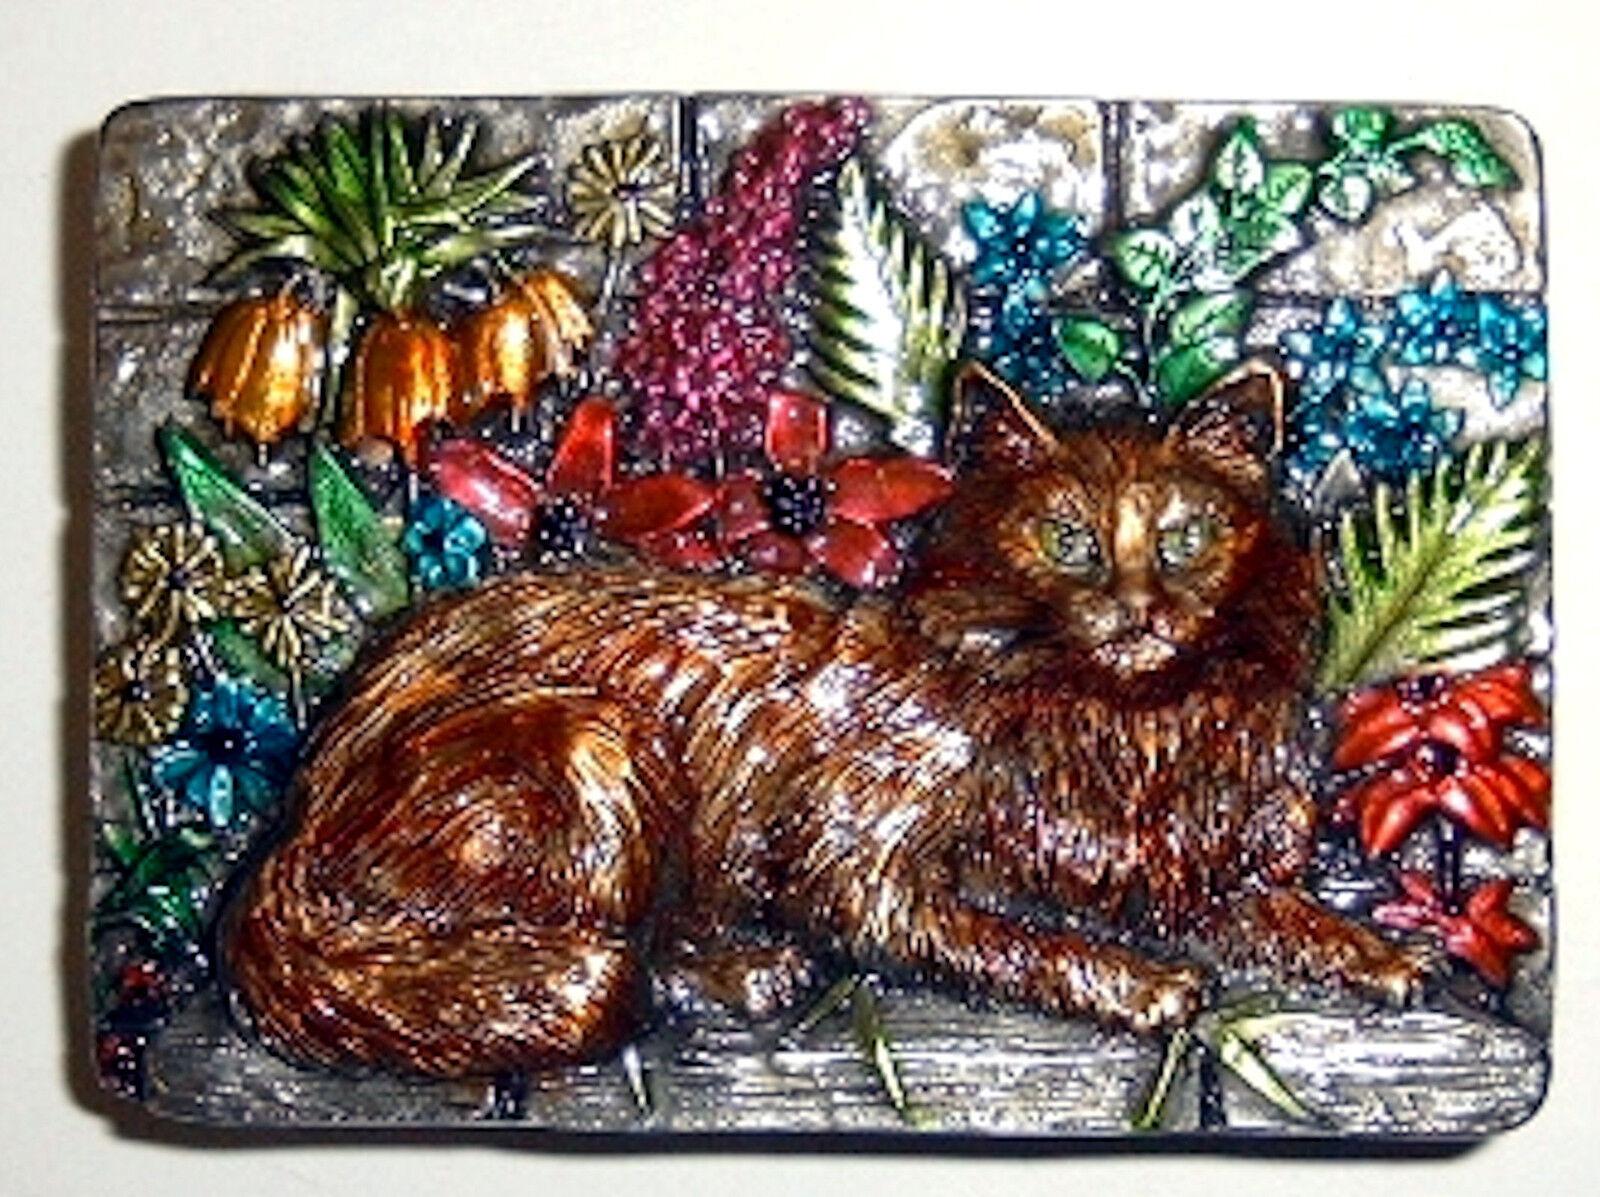 Katze Gürtelschnalle braun Blumen Kater Tiger Luchs Perserkatzen Buckle cat